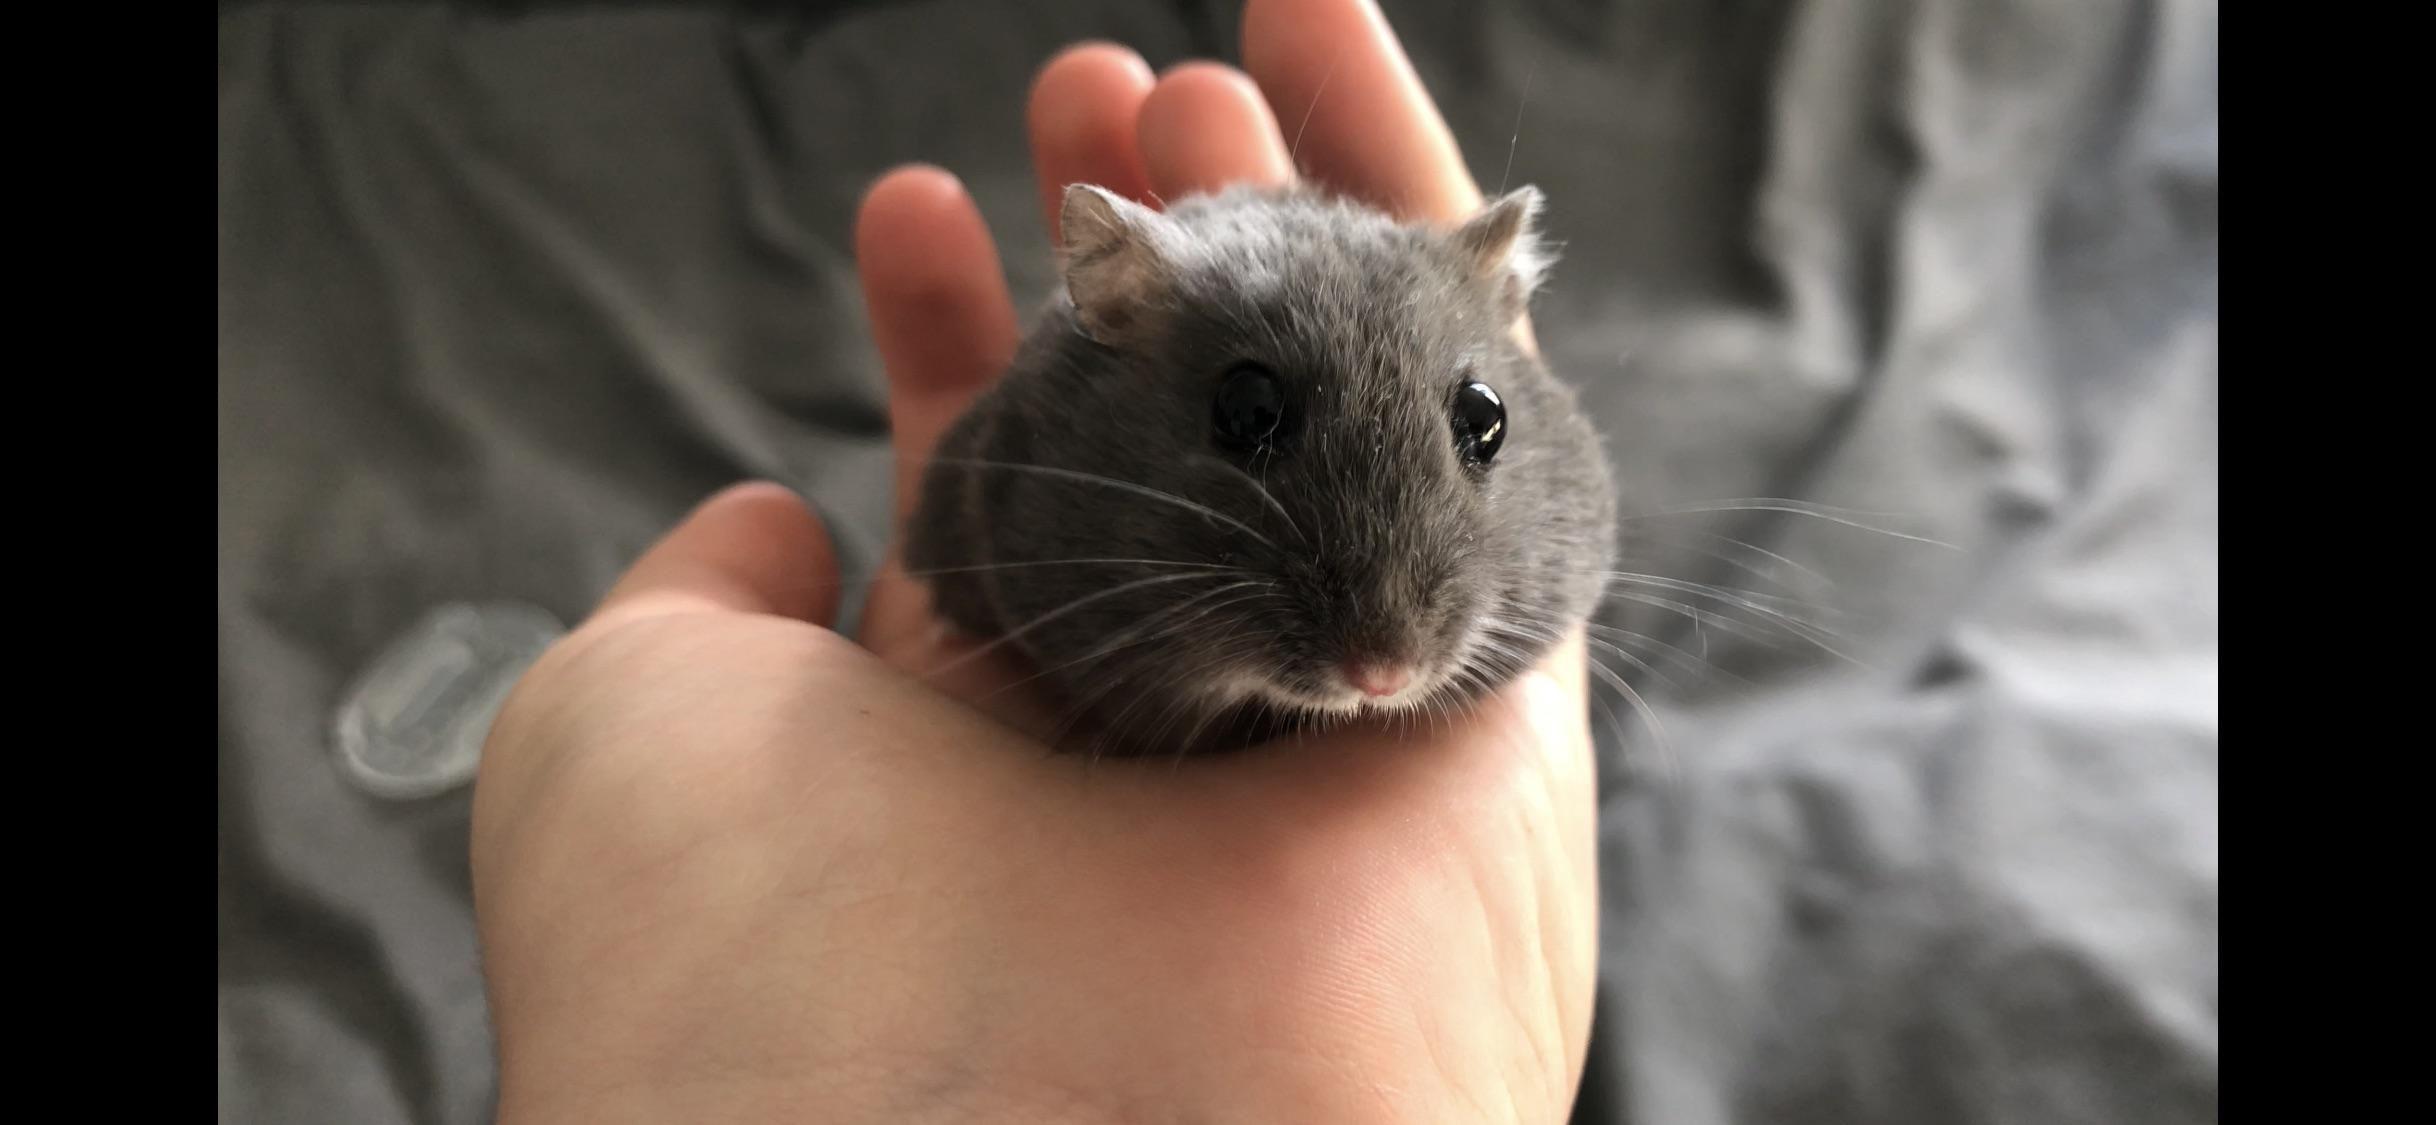 Pin by Jenn Anani on My new pet Dwarf hamster, Russian